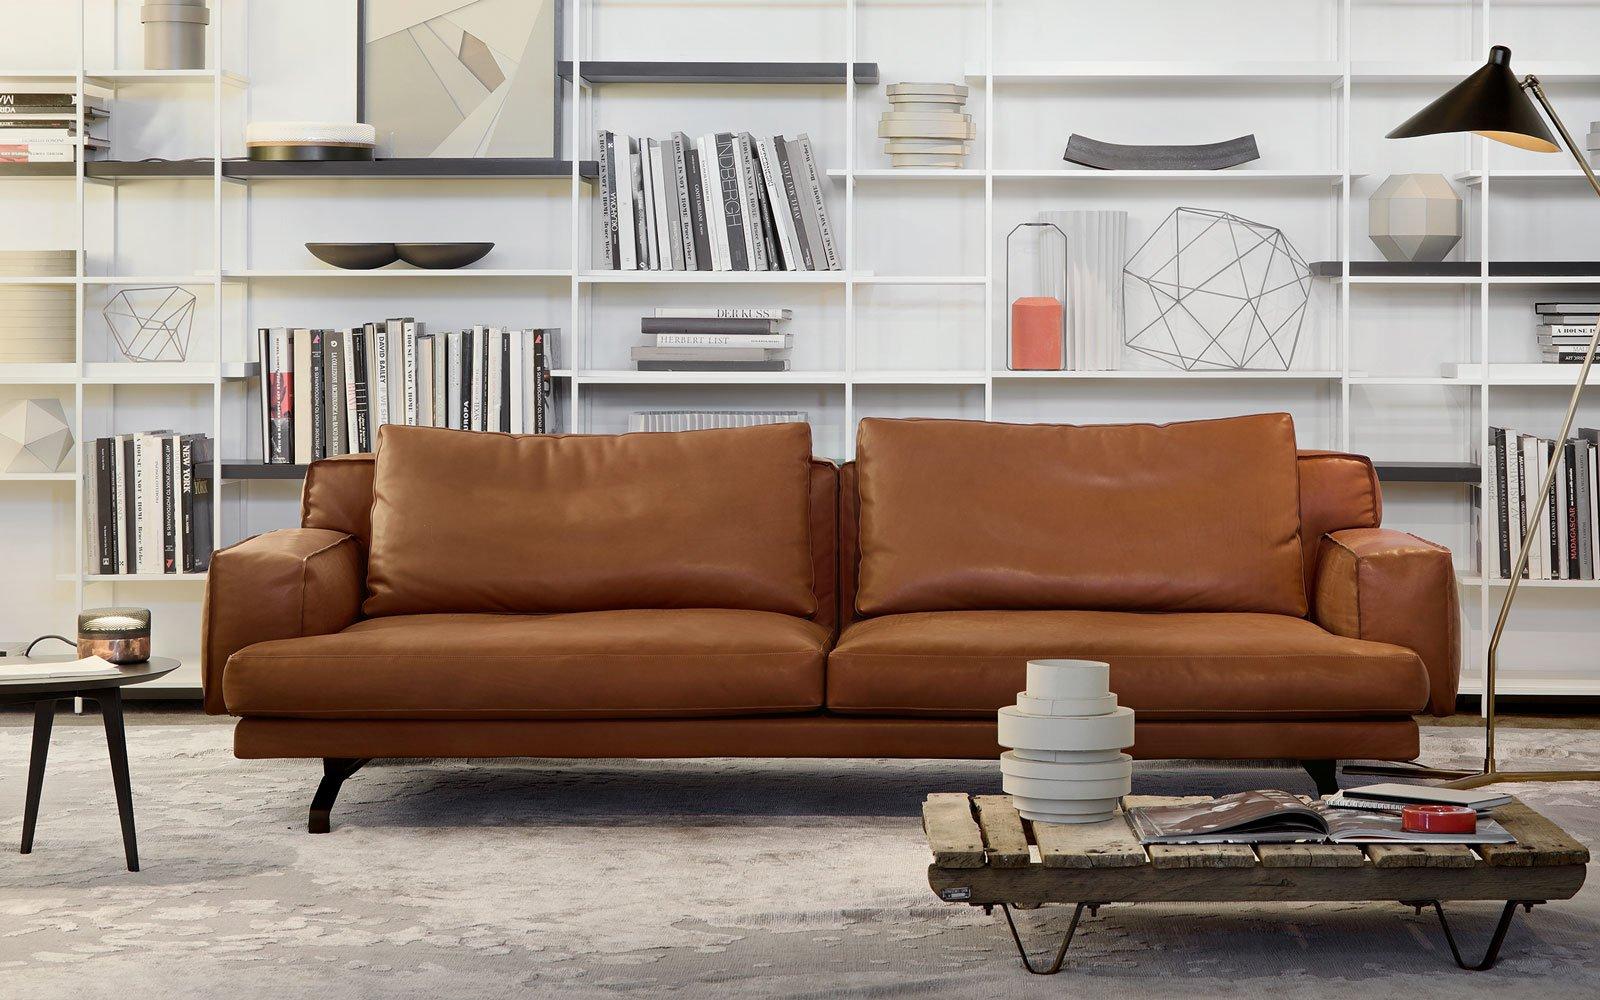 Divani design comfort secondo lema cose di casa for Divani da design